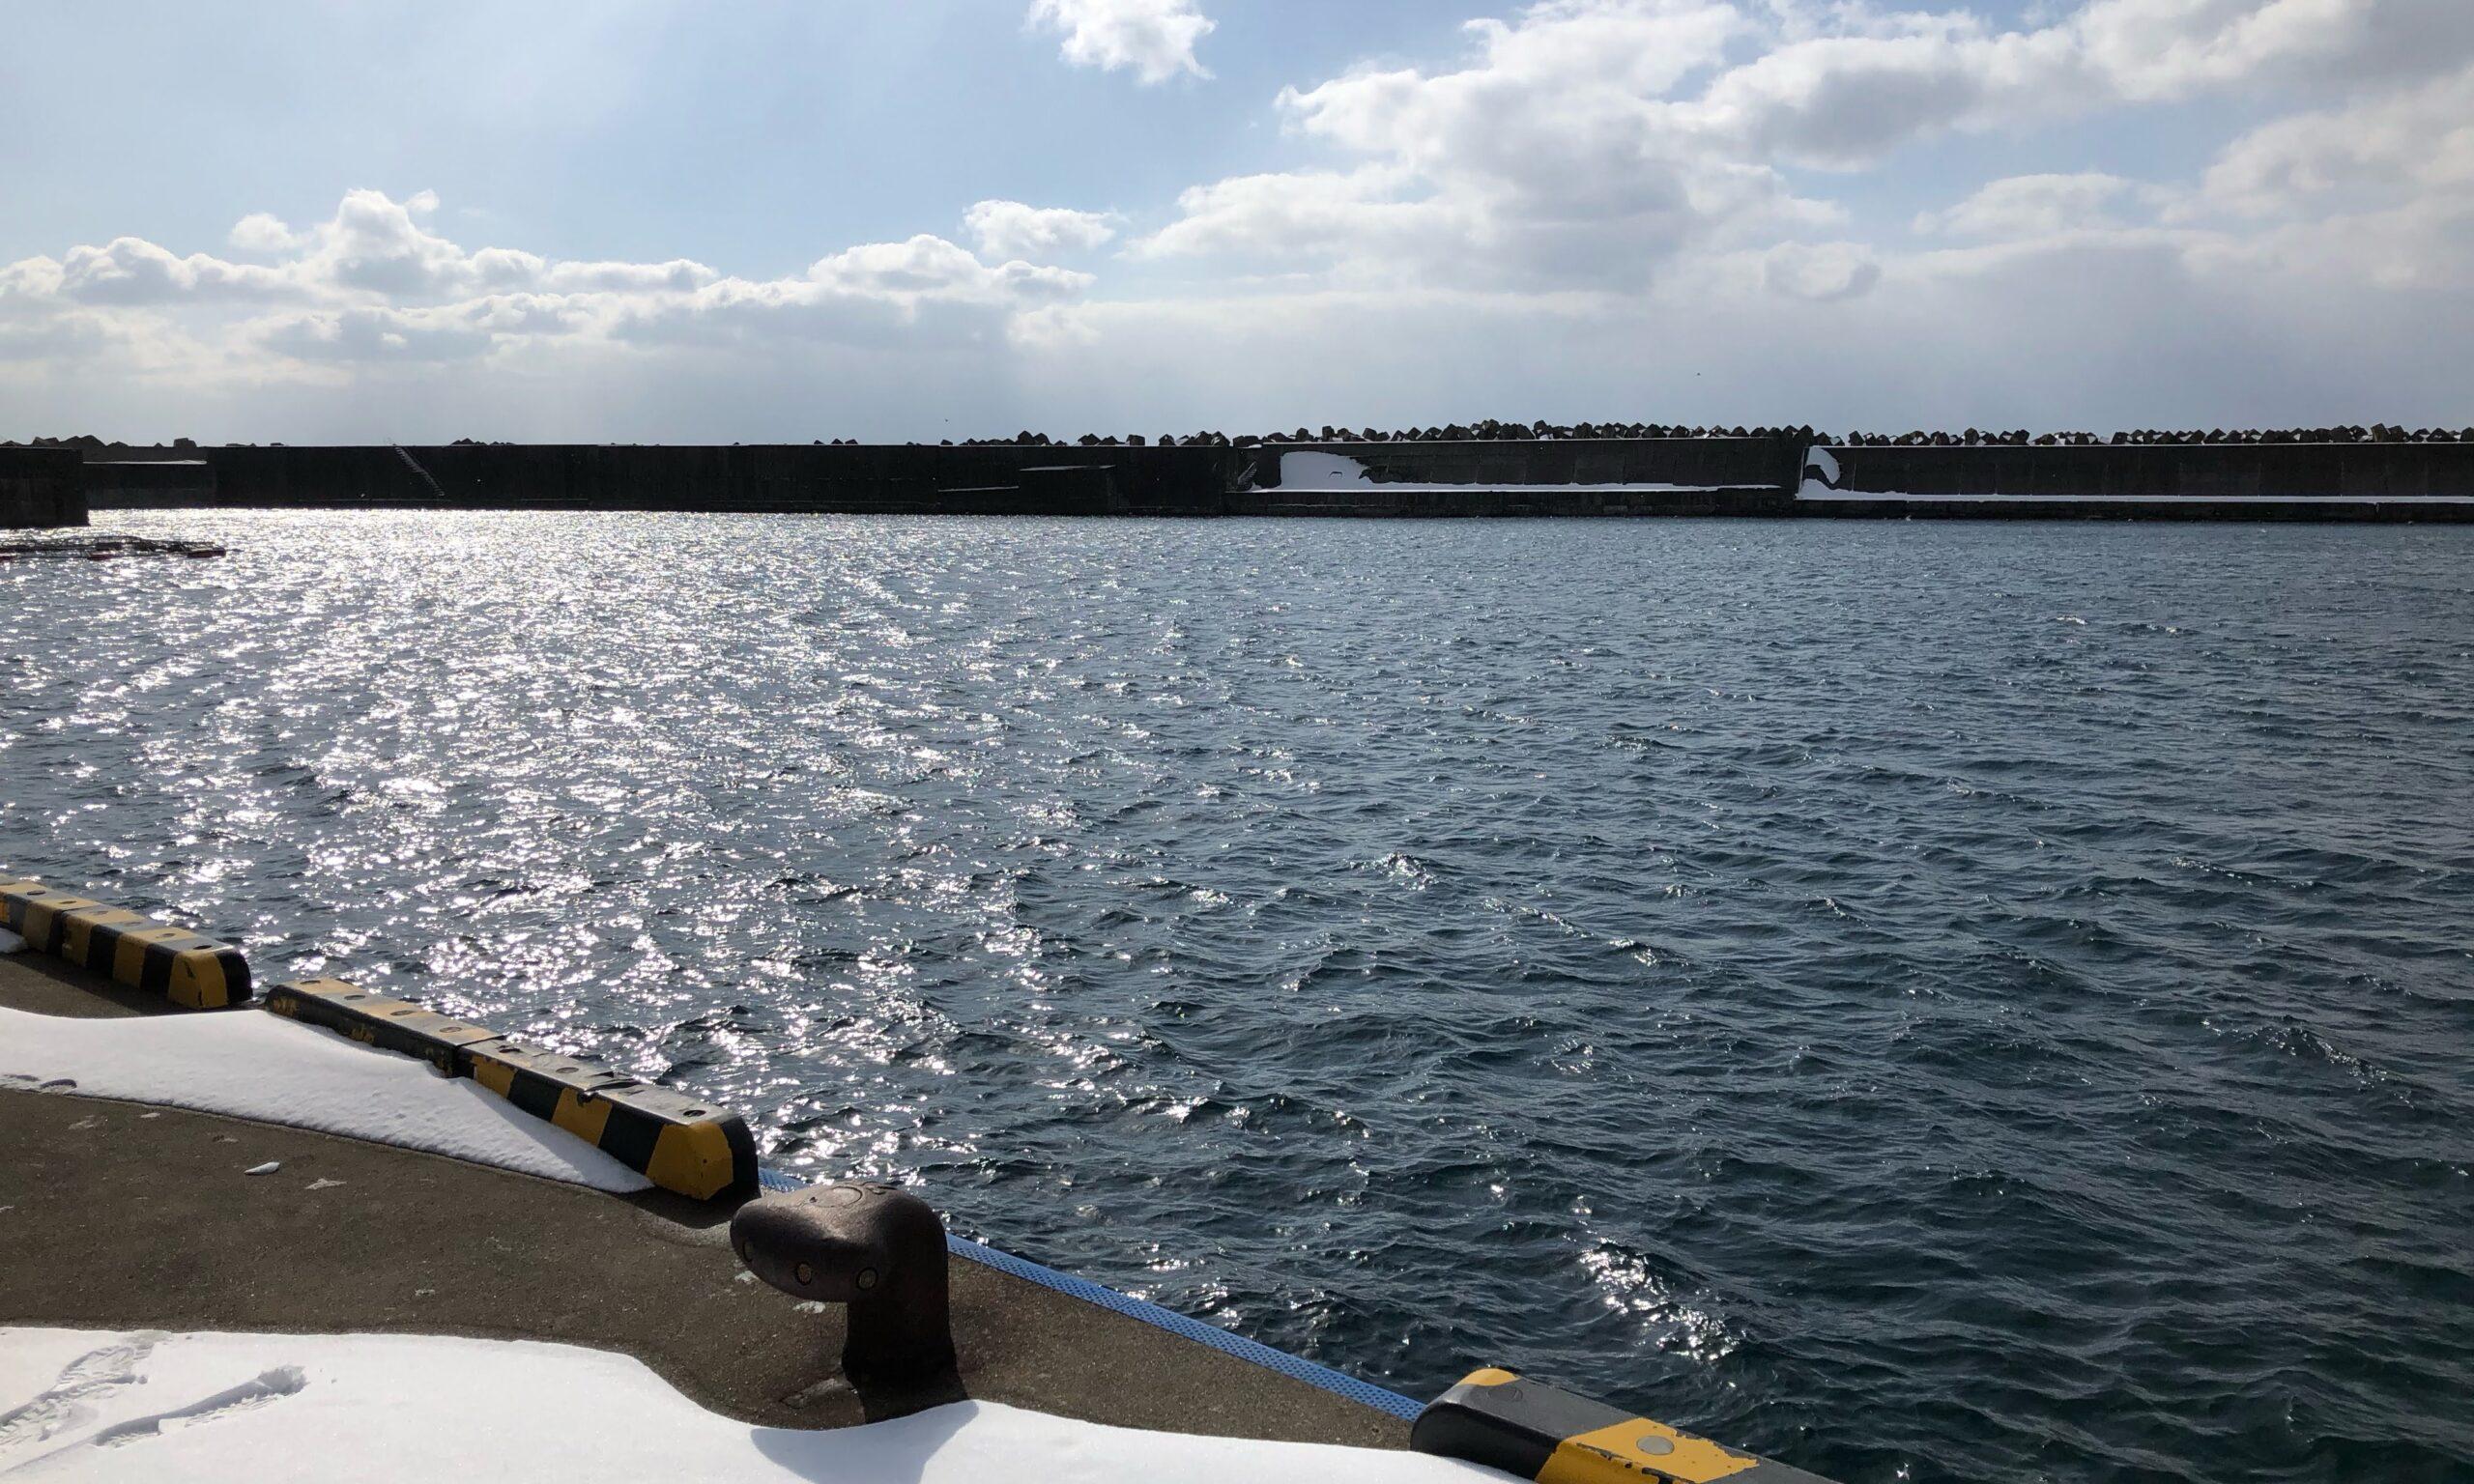 熊石漁港 2月 ホッケ 釣り